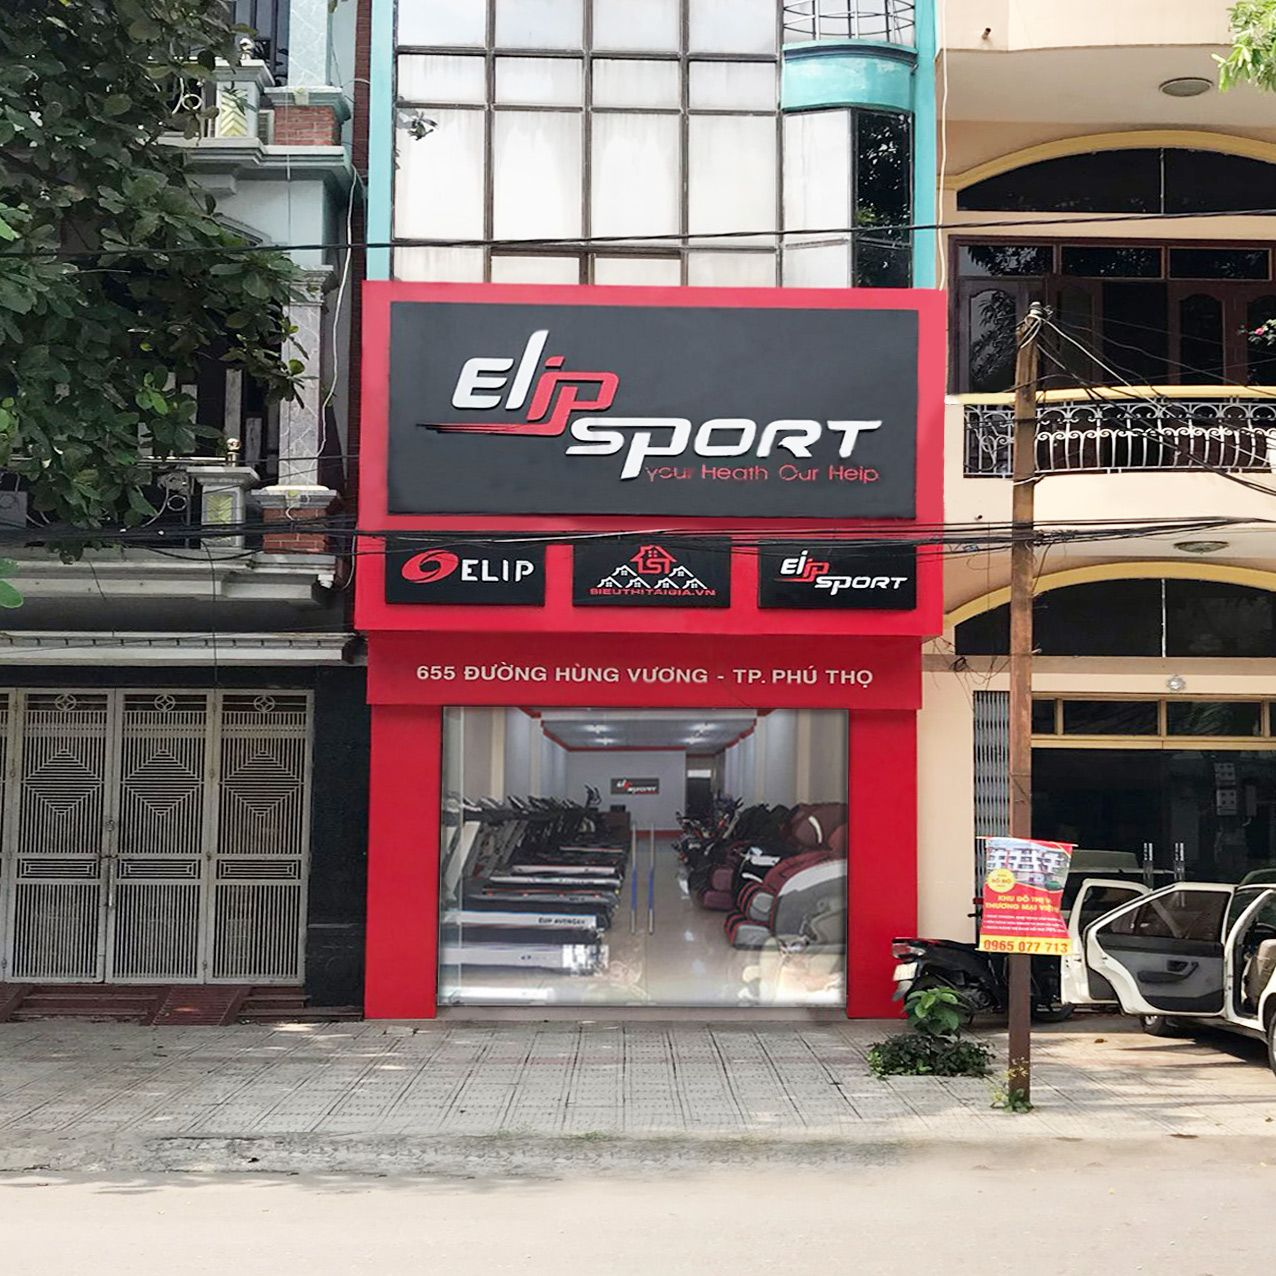 Chi nhánh Elipsport Phú Thọ